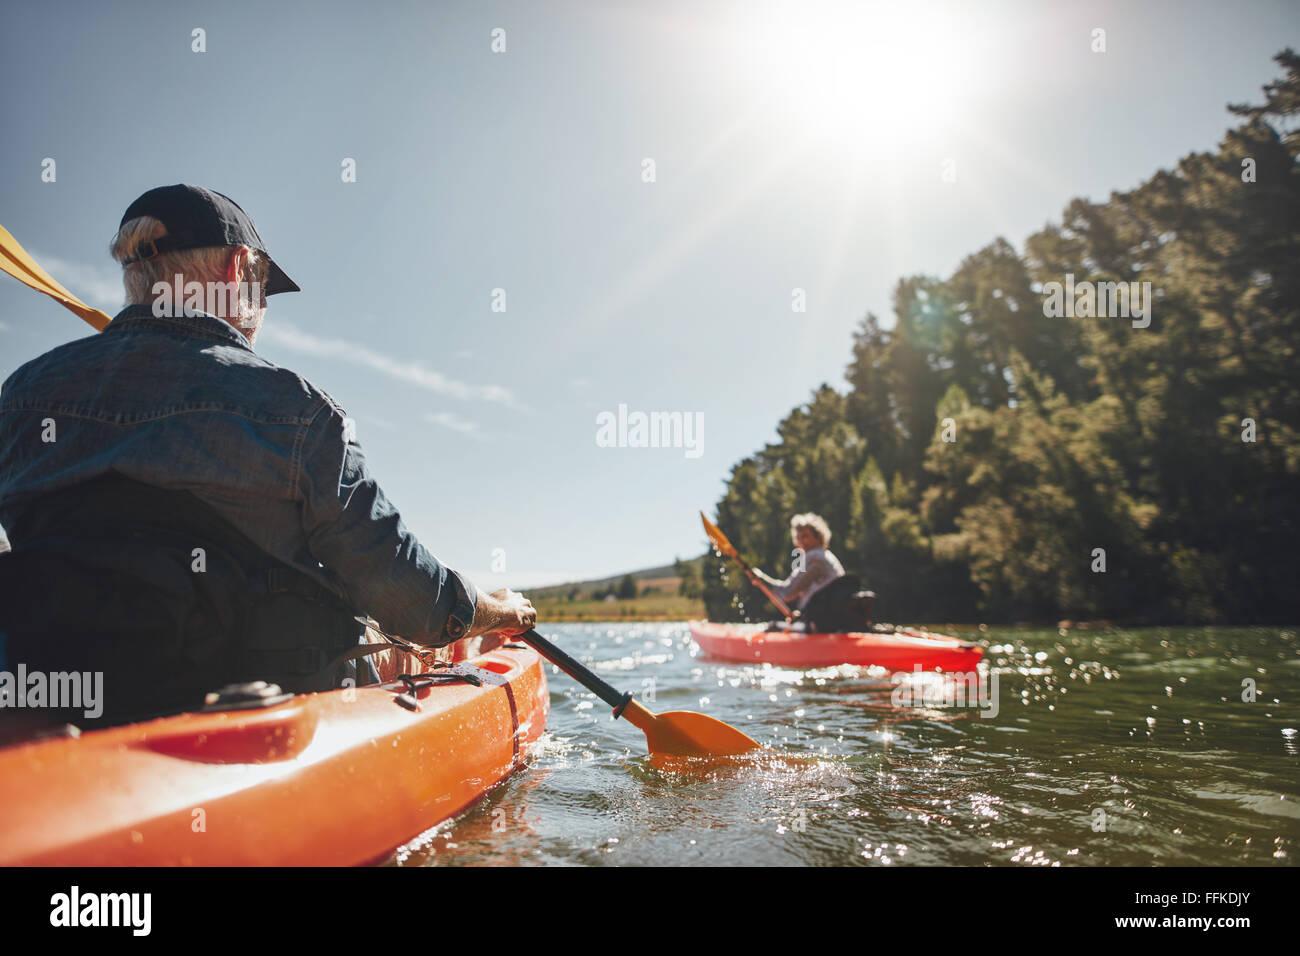 Imagen de alto par canotaje en el lago en un día soleado. Los palistas en el lago remando. Imagen De Stock